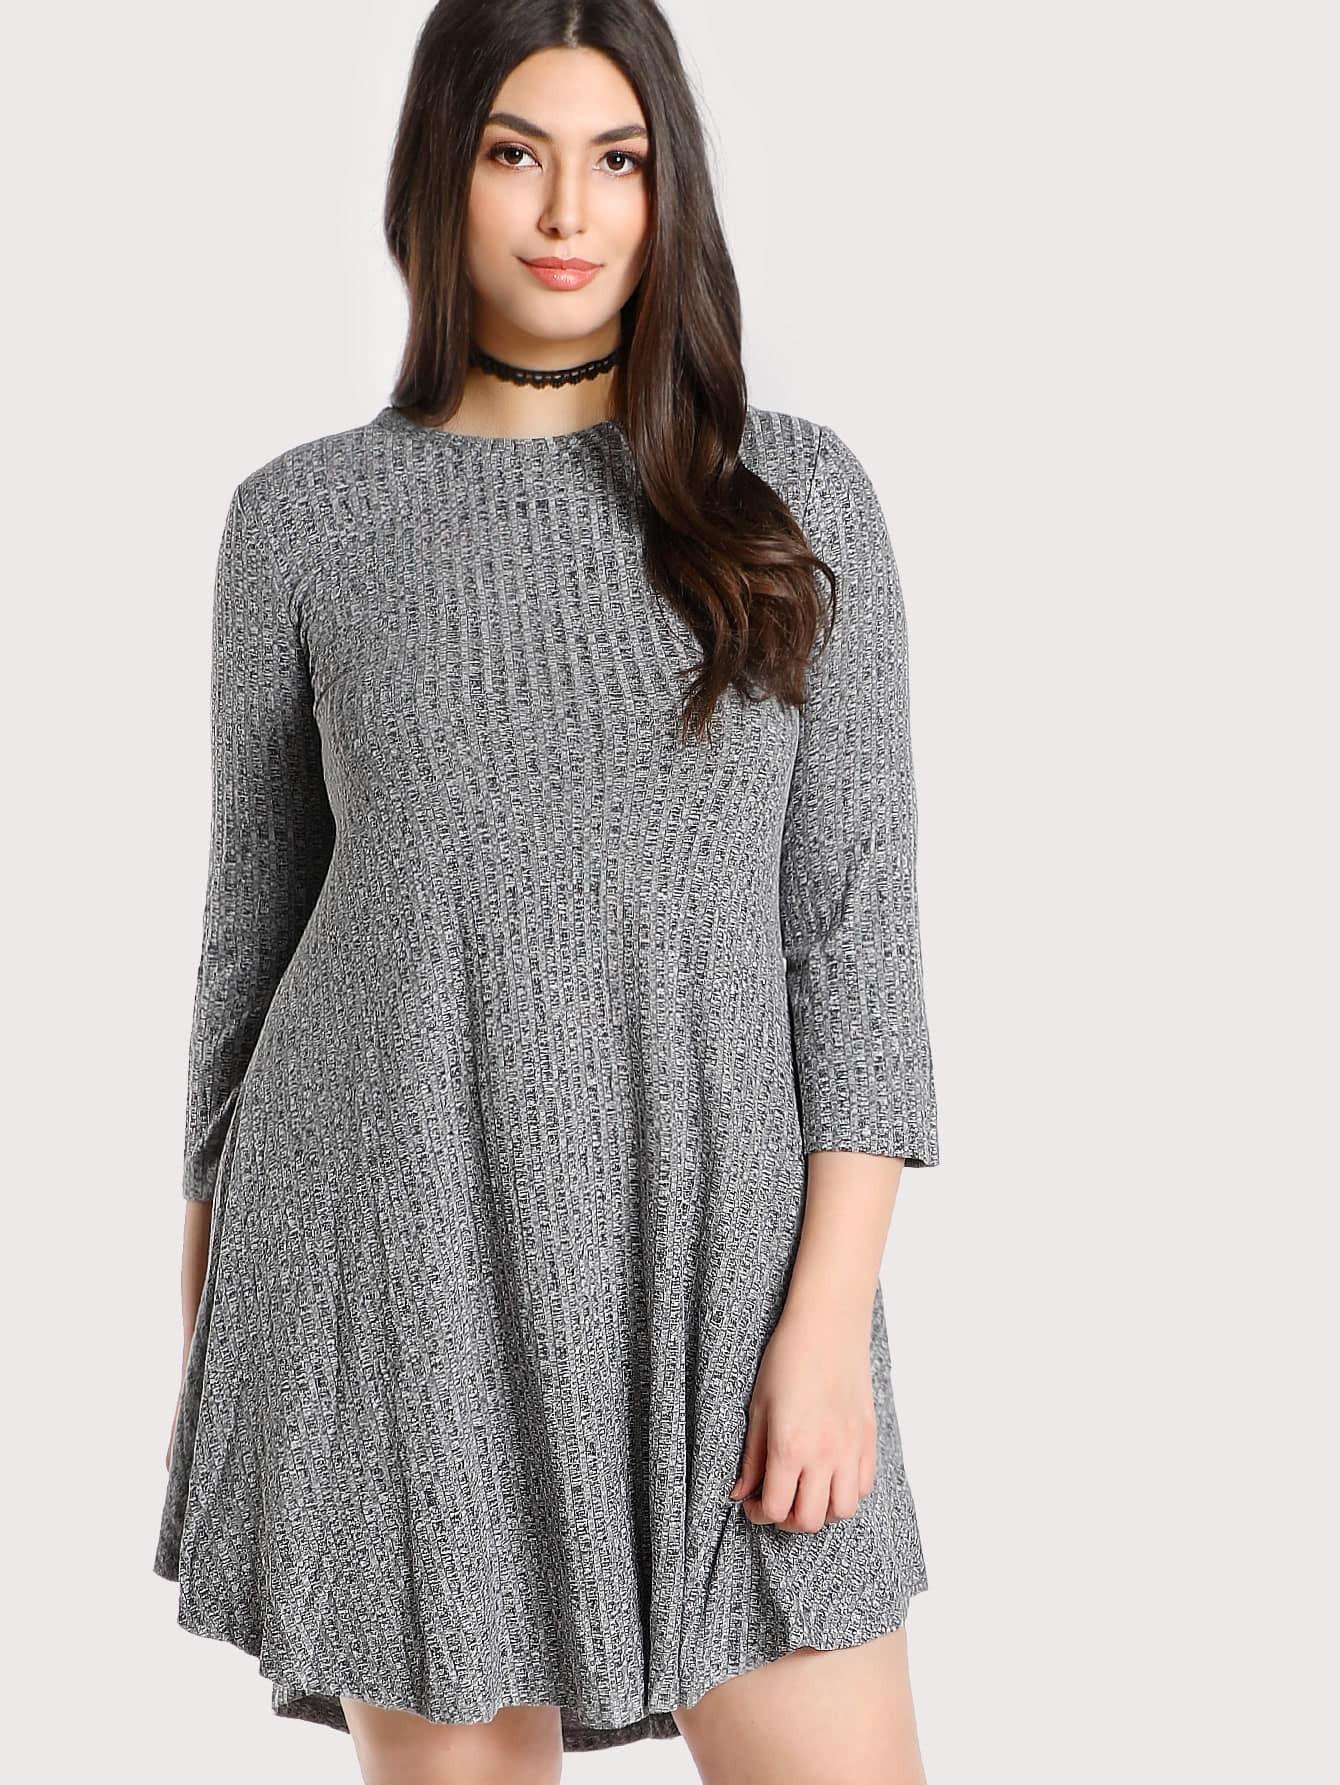 Plus Marled Rib Knit Swing Tee Dress rib knit tights